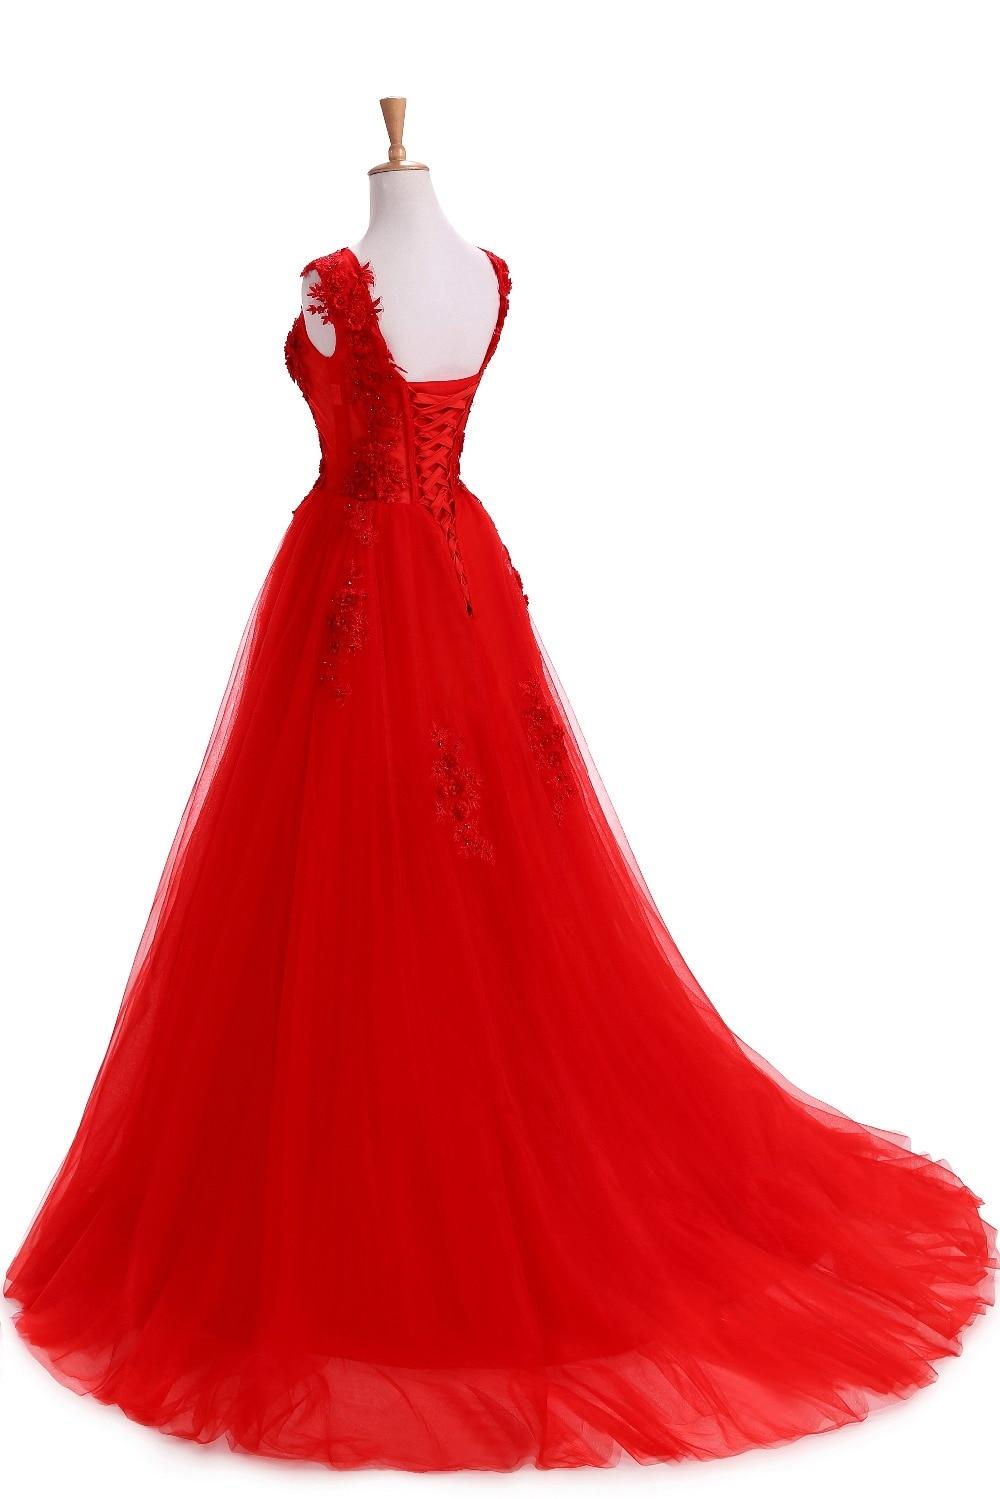 Robe De Soirée Rouge Robes De Soirée Longues Plus La Taille Tulle - Habillez-vous pour des occasions spéciales - Photo 4